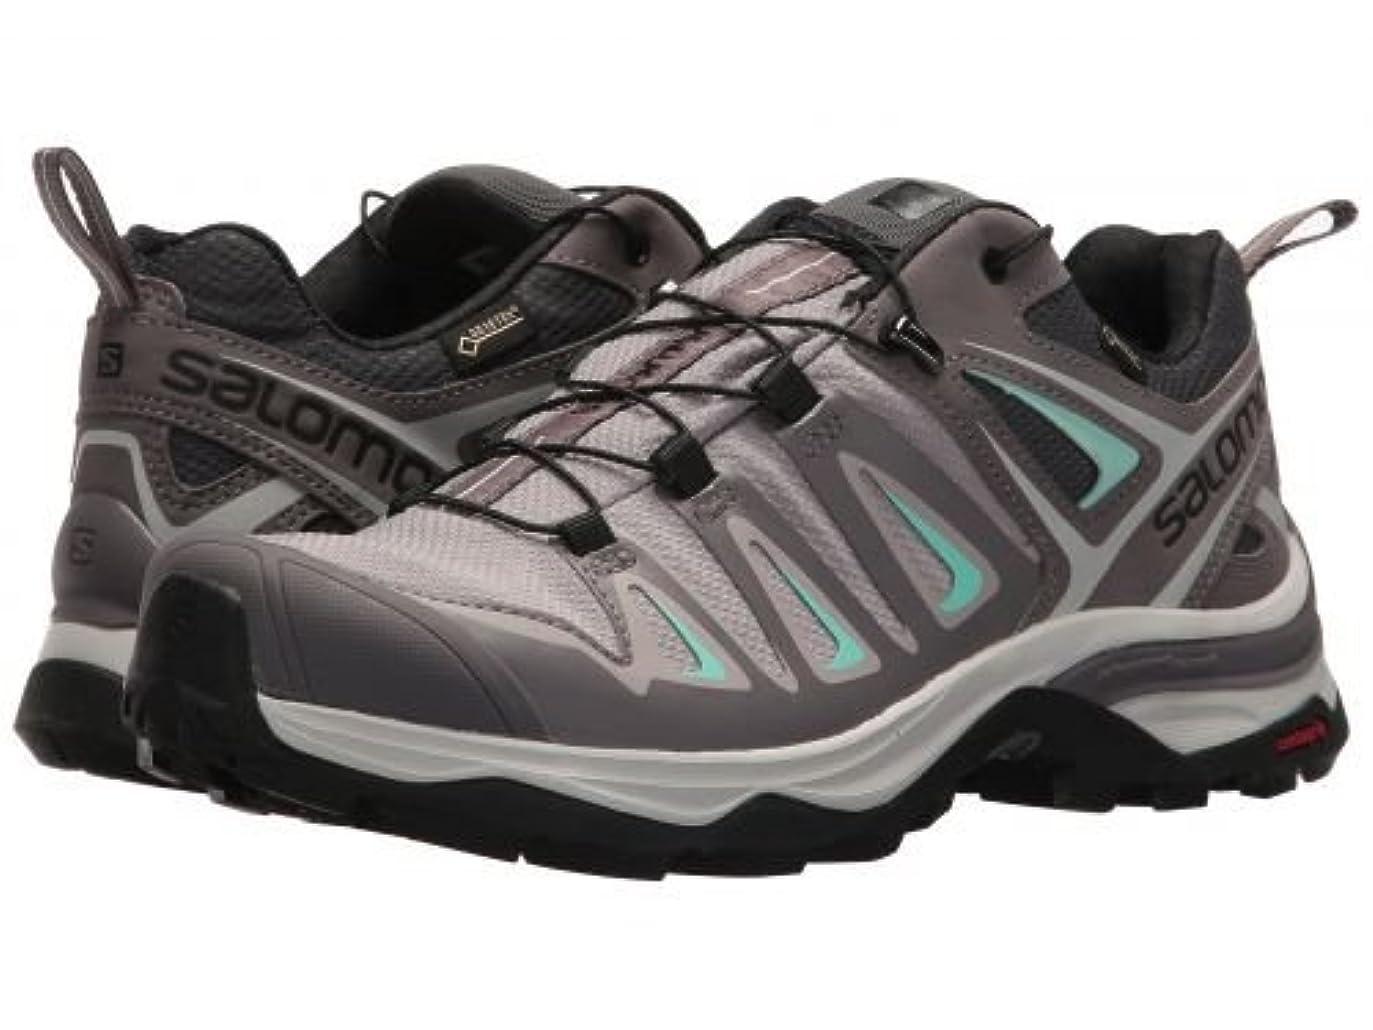 泥棒投獄引き出しSalomon(サロモン) レディース 女性用 シューズ 靴 スニーカー 運動靴 X Ultra 3 GTX(R) - Magnet/Shark/Beach Glass [並行輸入品]